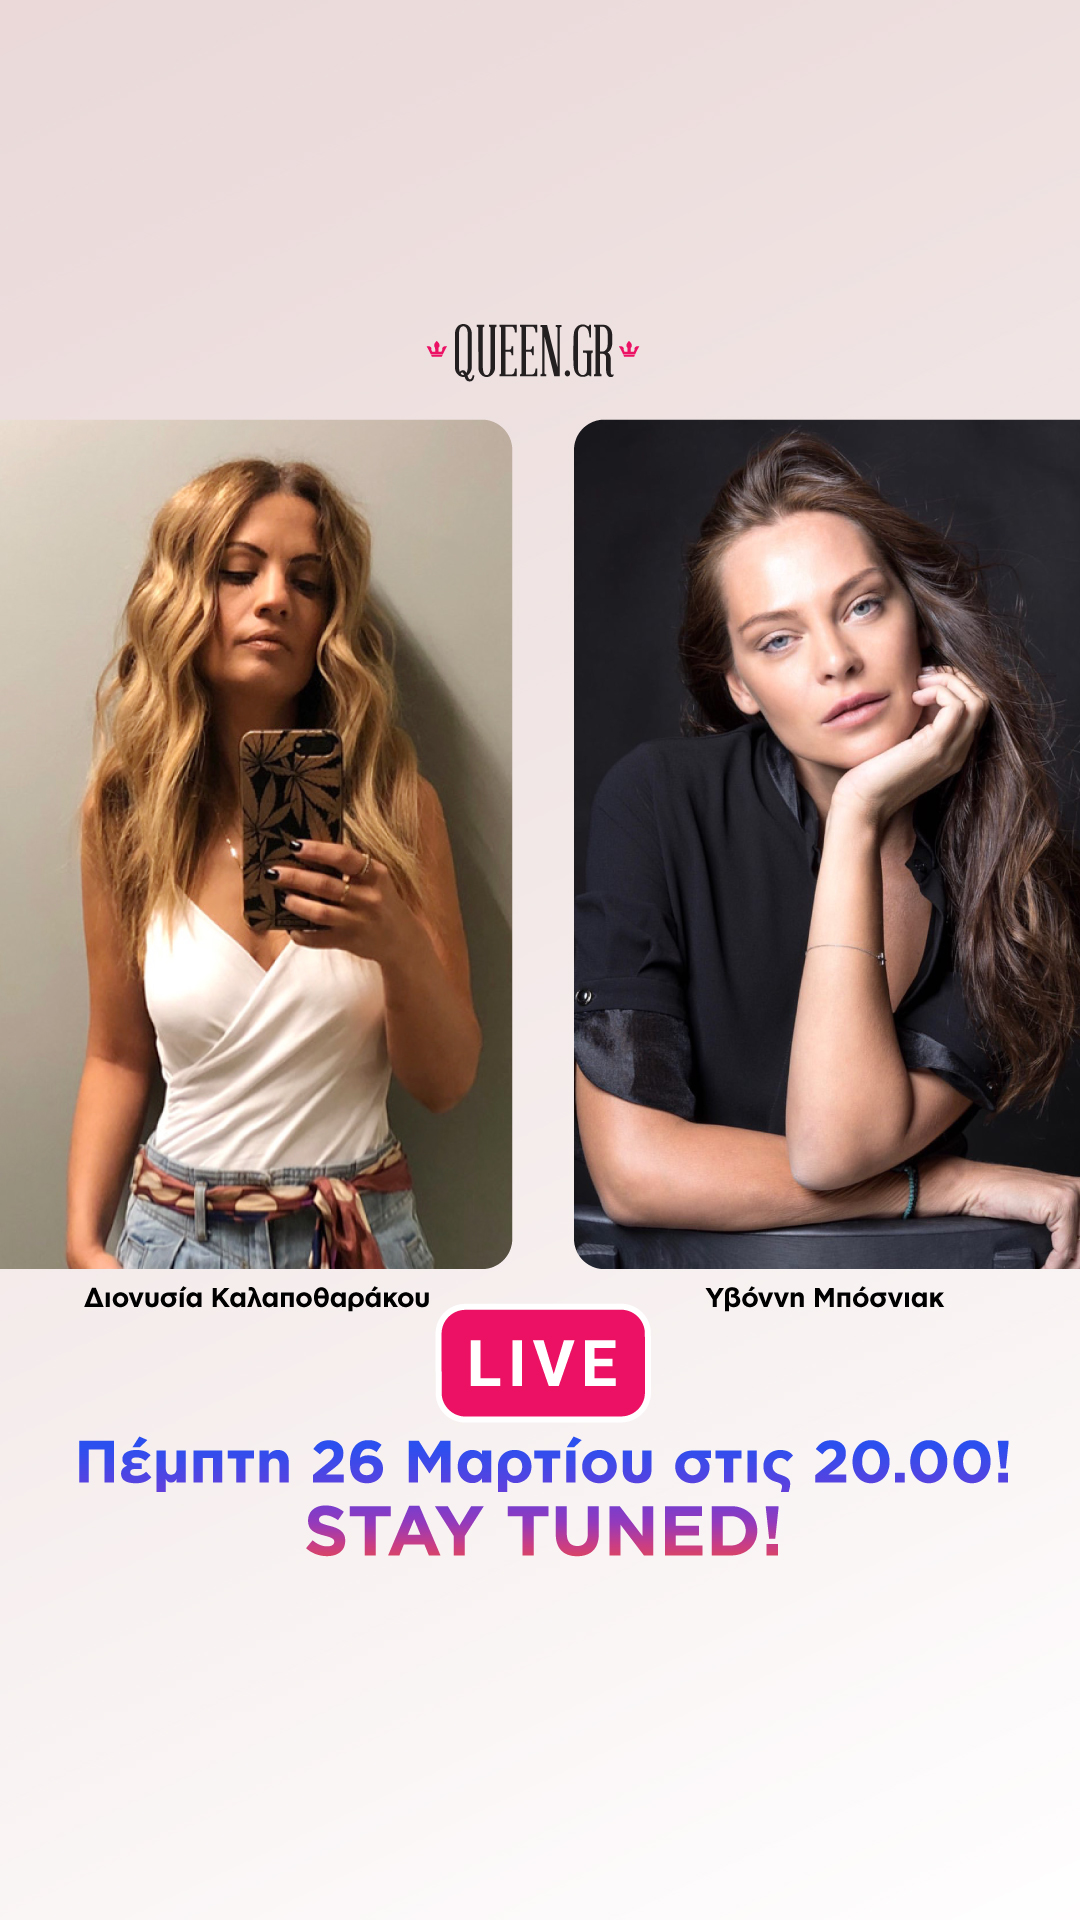 Bosnjak live story